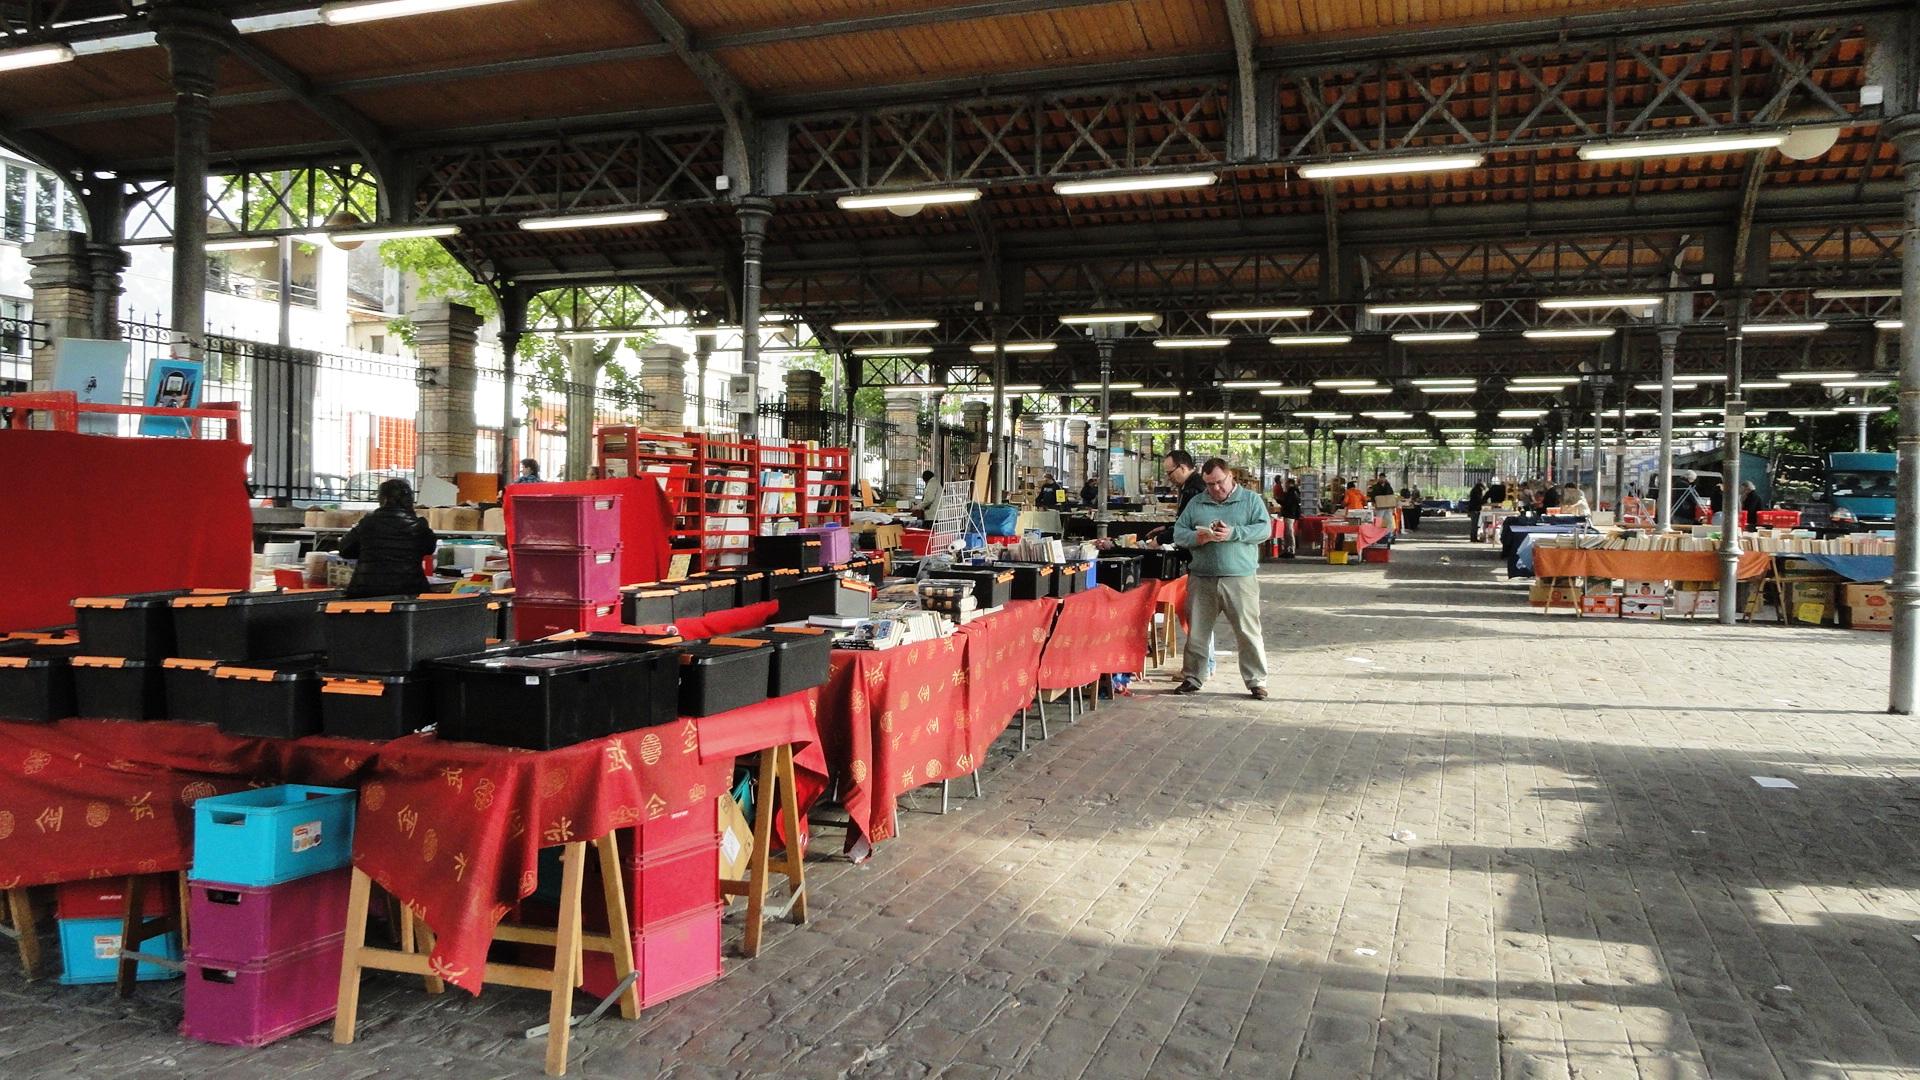 Parc Georges Brassens - Halle aux Chevaux - Bouquinistes